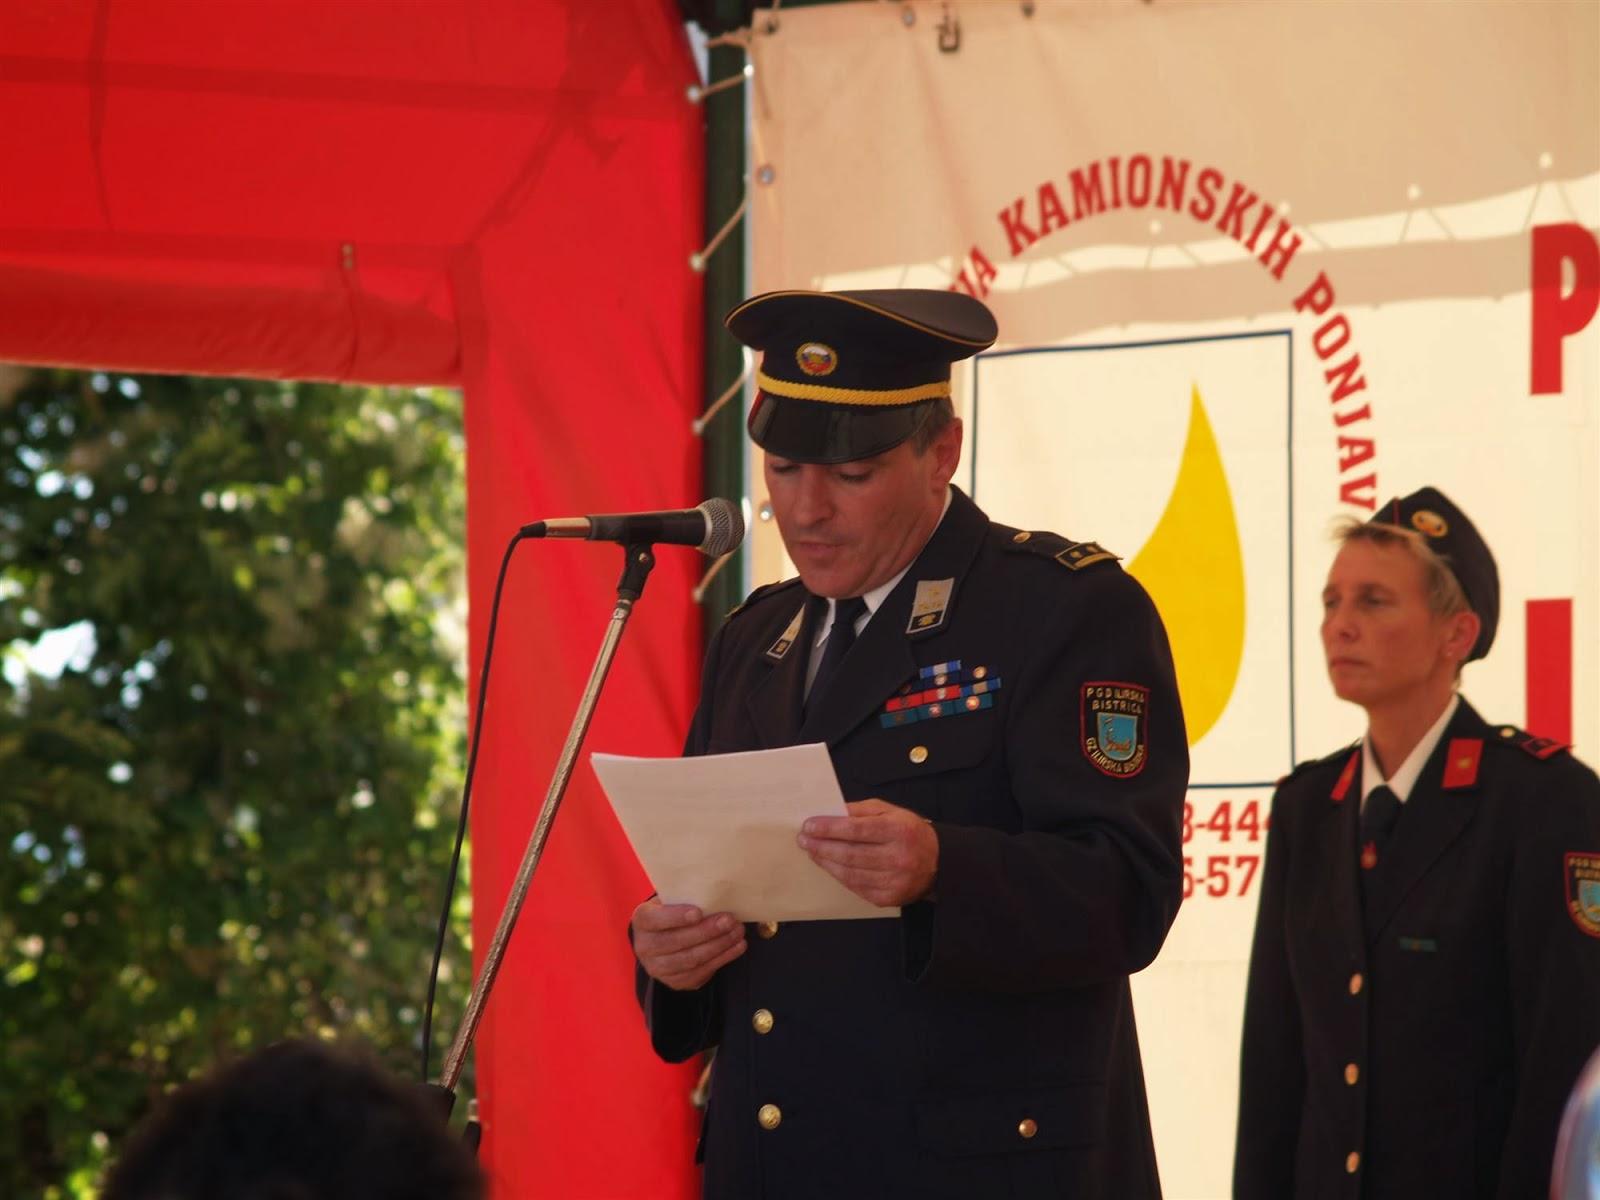 Gasilska parada, Ilirska Bistrica 2006 - P0103596.JPG